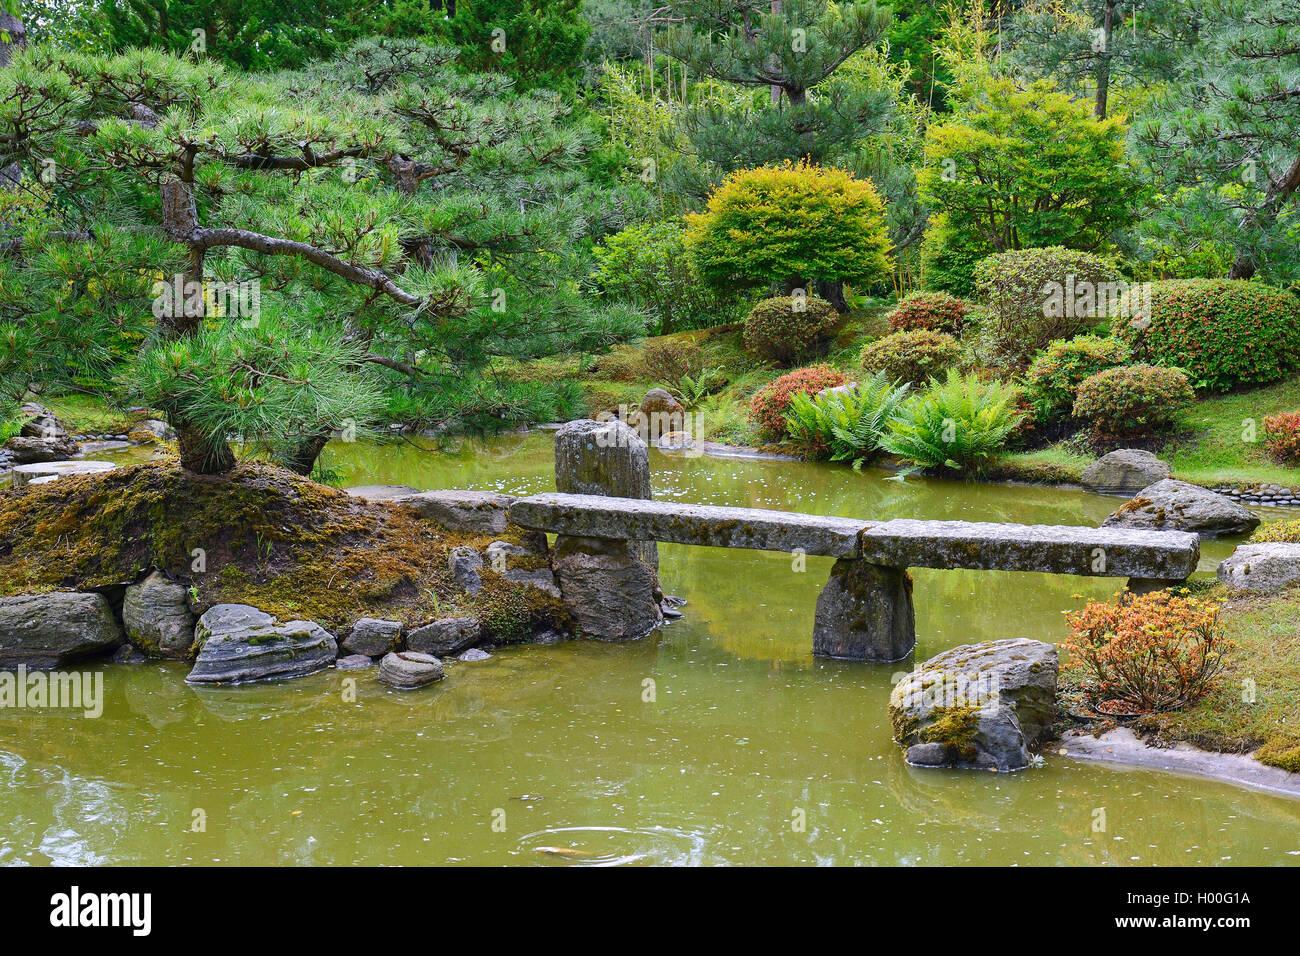 Typischer Japanischer Garten Mit Steindekorationen Und